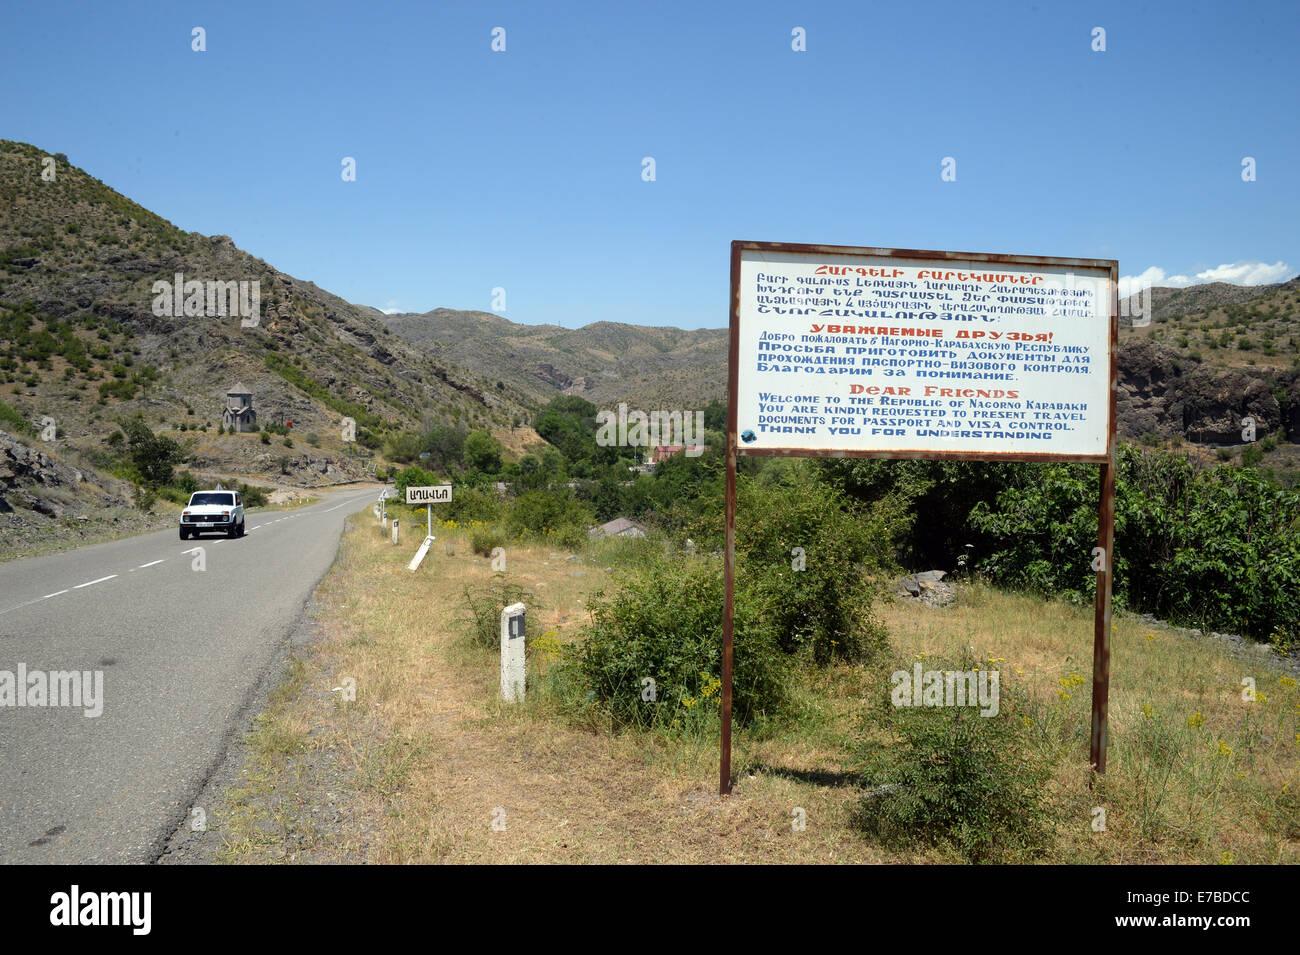 Eurasia Caucasus Region Nagorno Karabakh Independent Stockfotos Und Bilder Kaufen Alamy